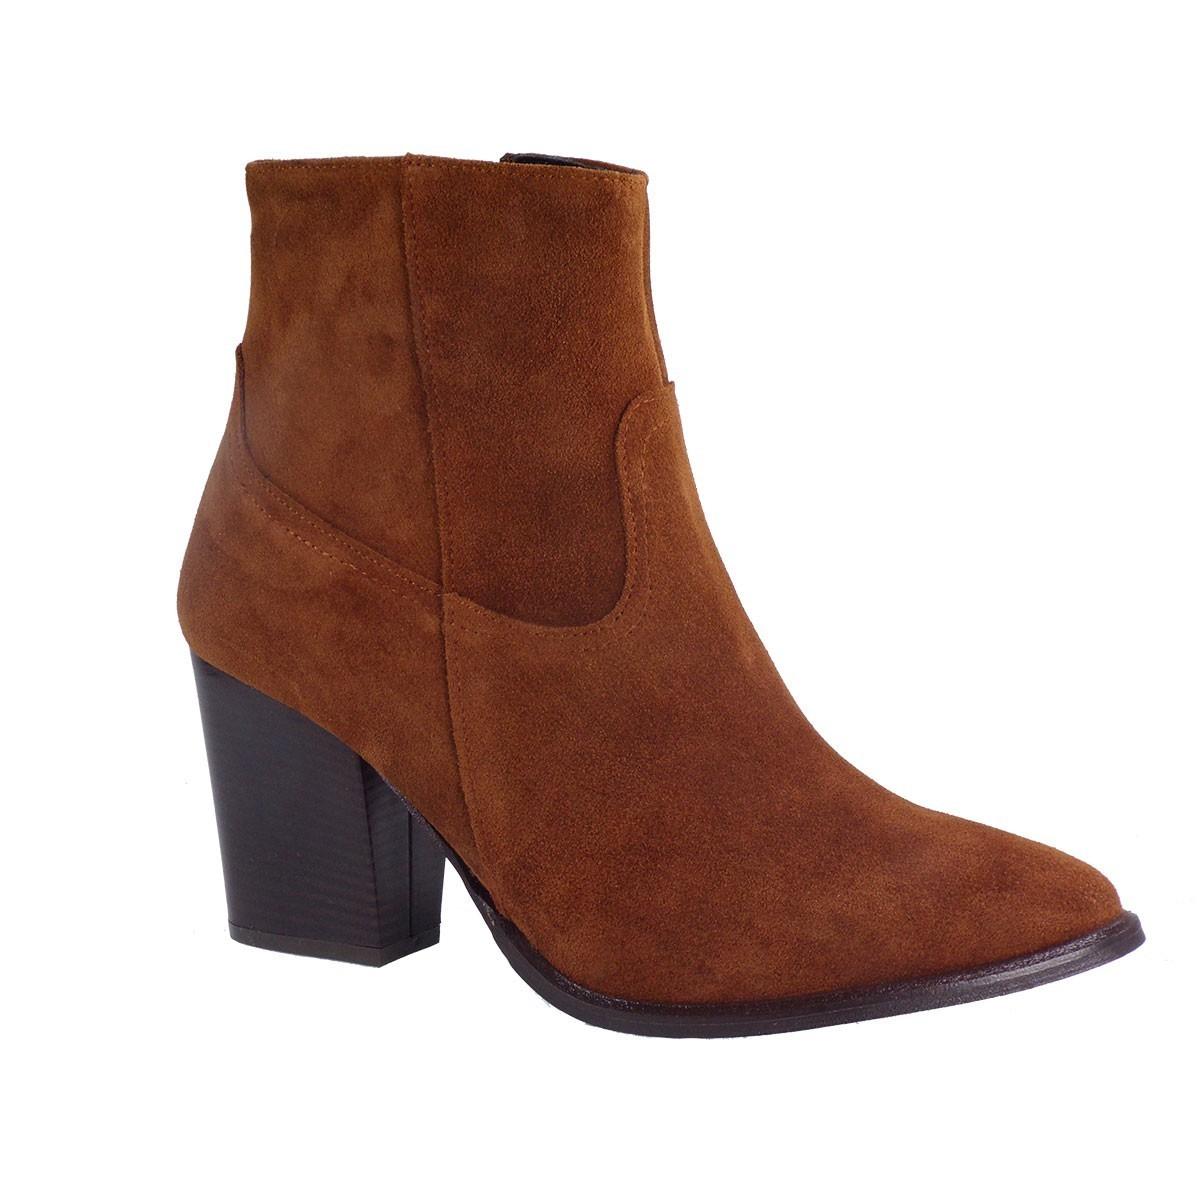 Moods Shoes Γυναικεία Μποτάκια 4010 Ταμπά Καστόρι Δέρμα